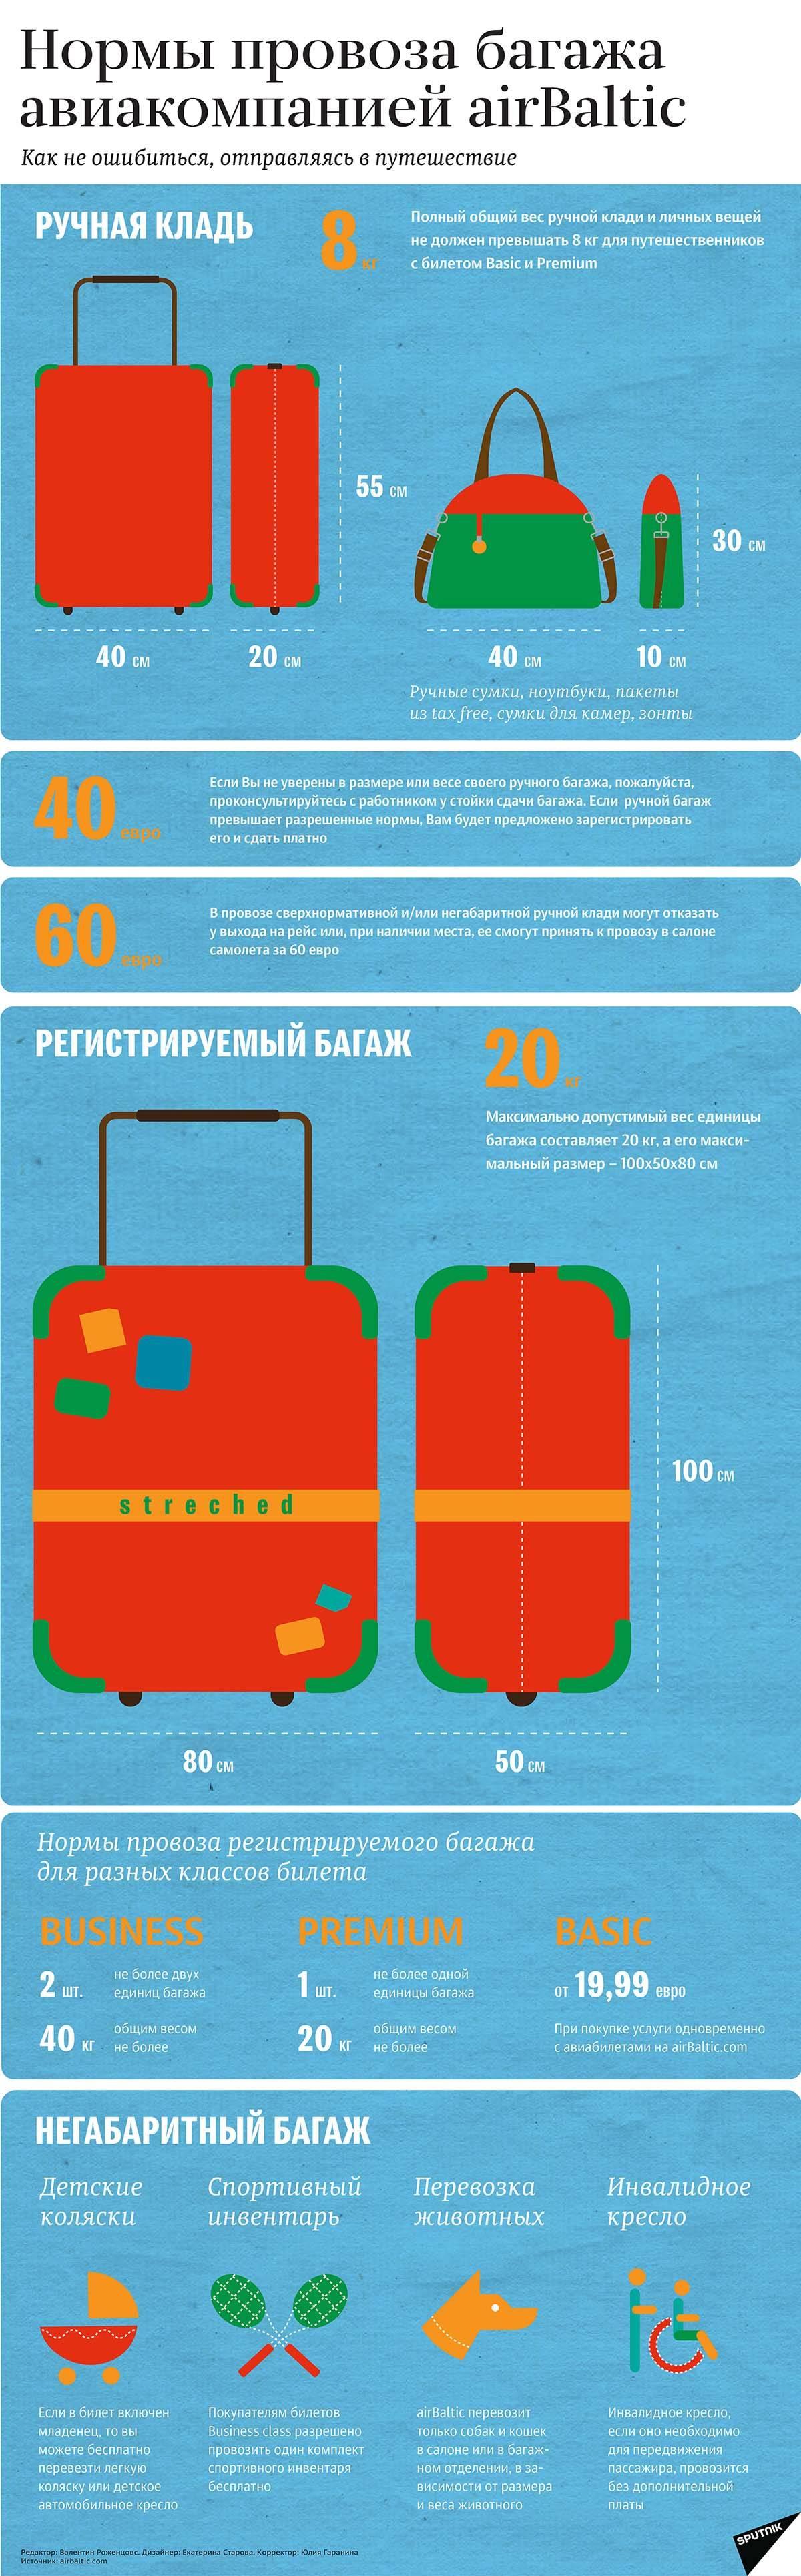 Провоз жидкости в самолете: нормы и правила в 2021 году